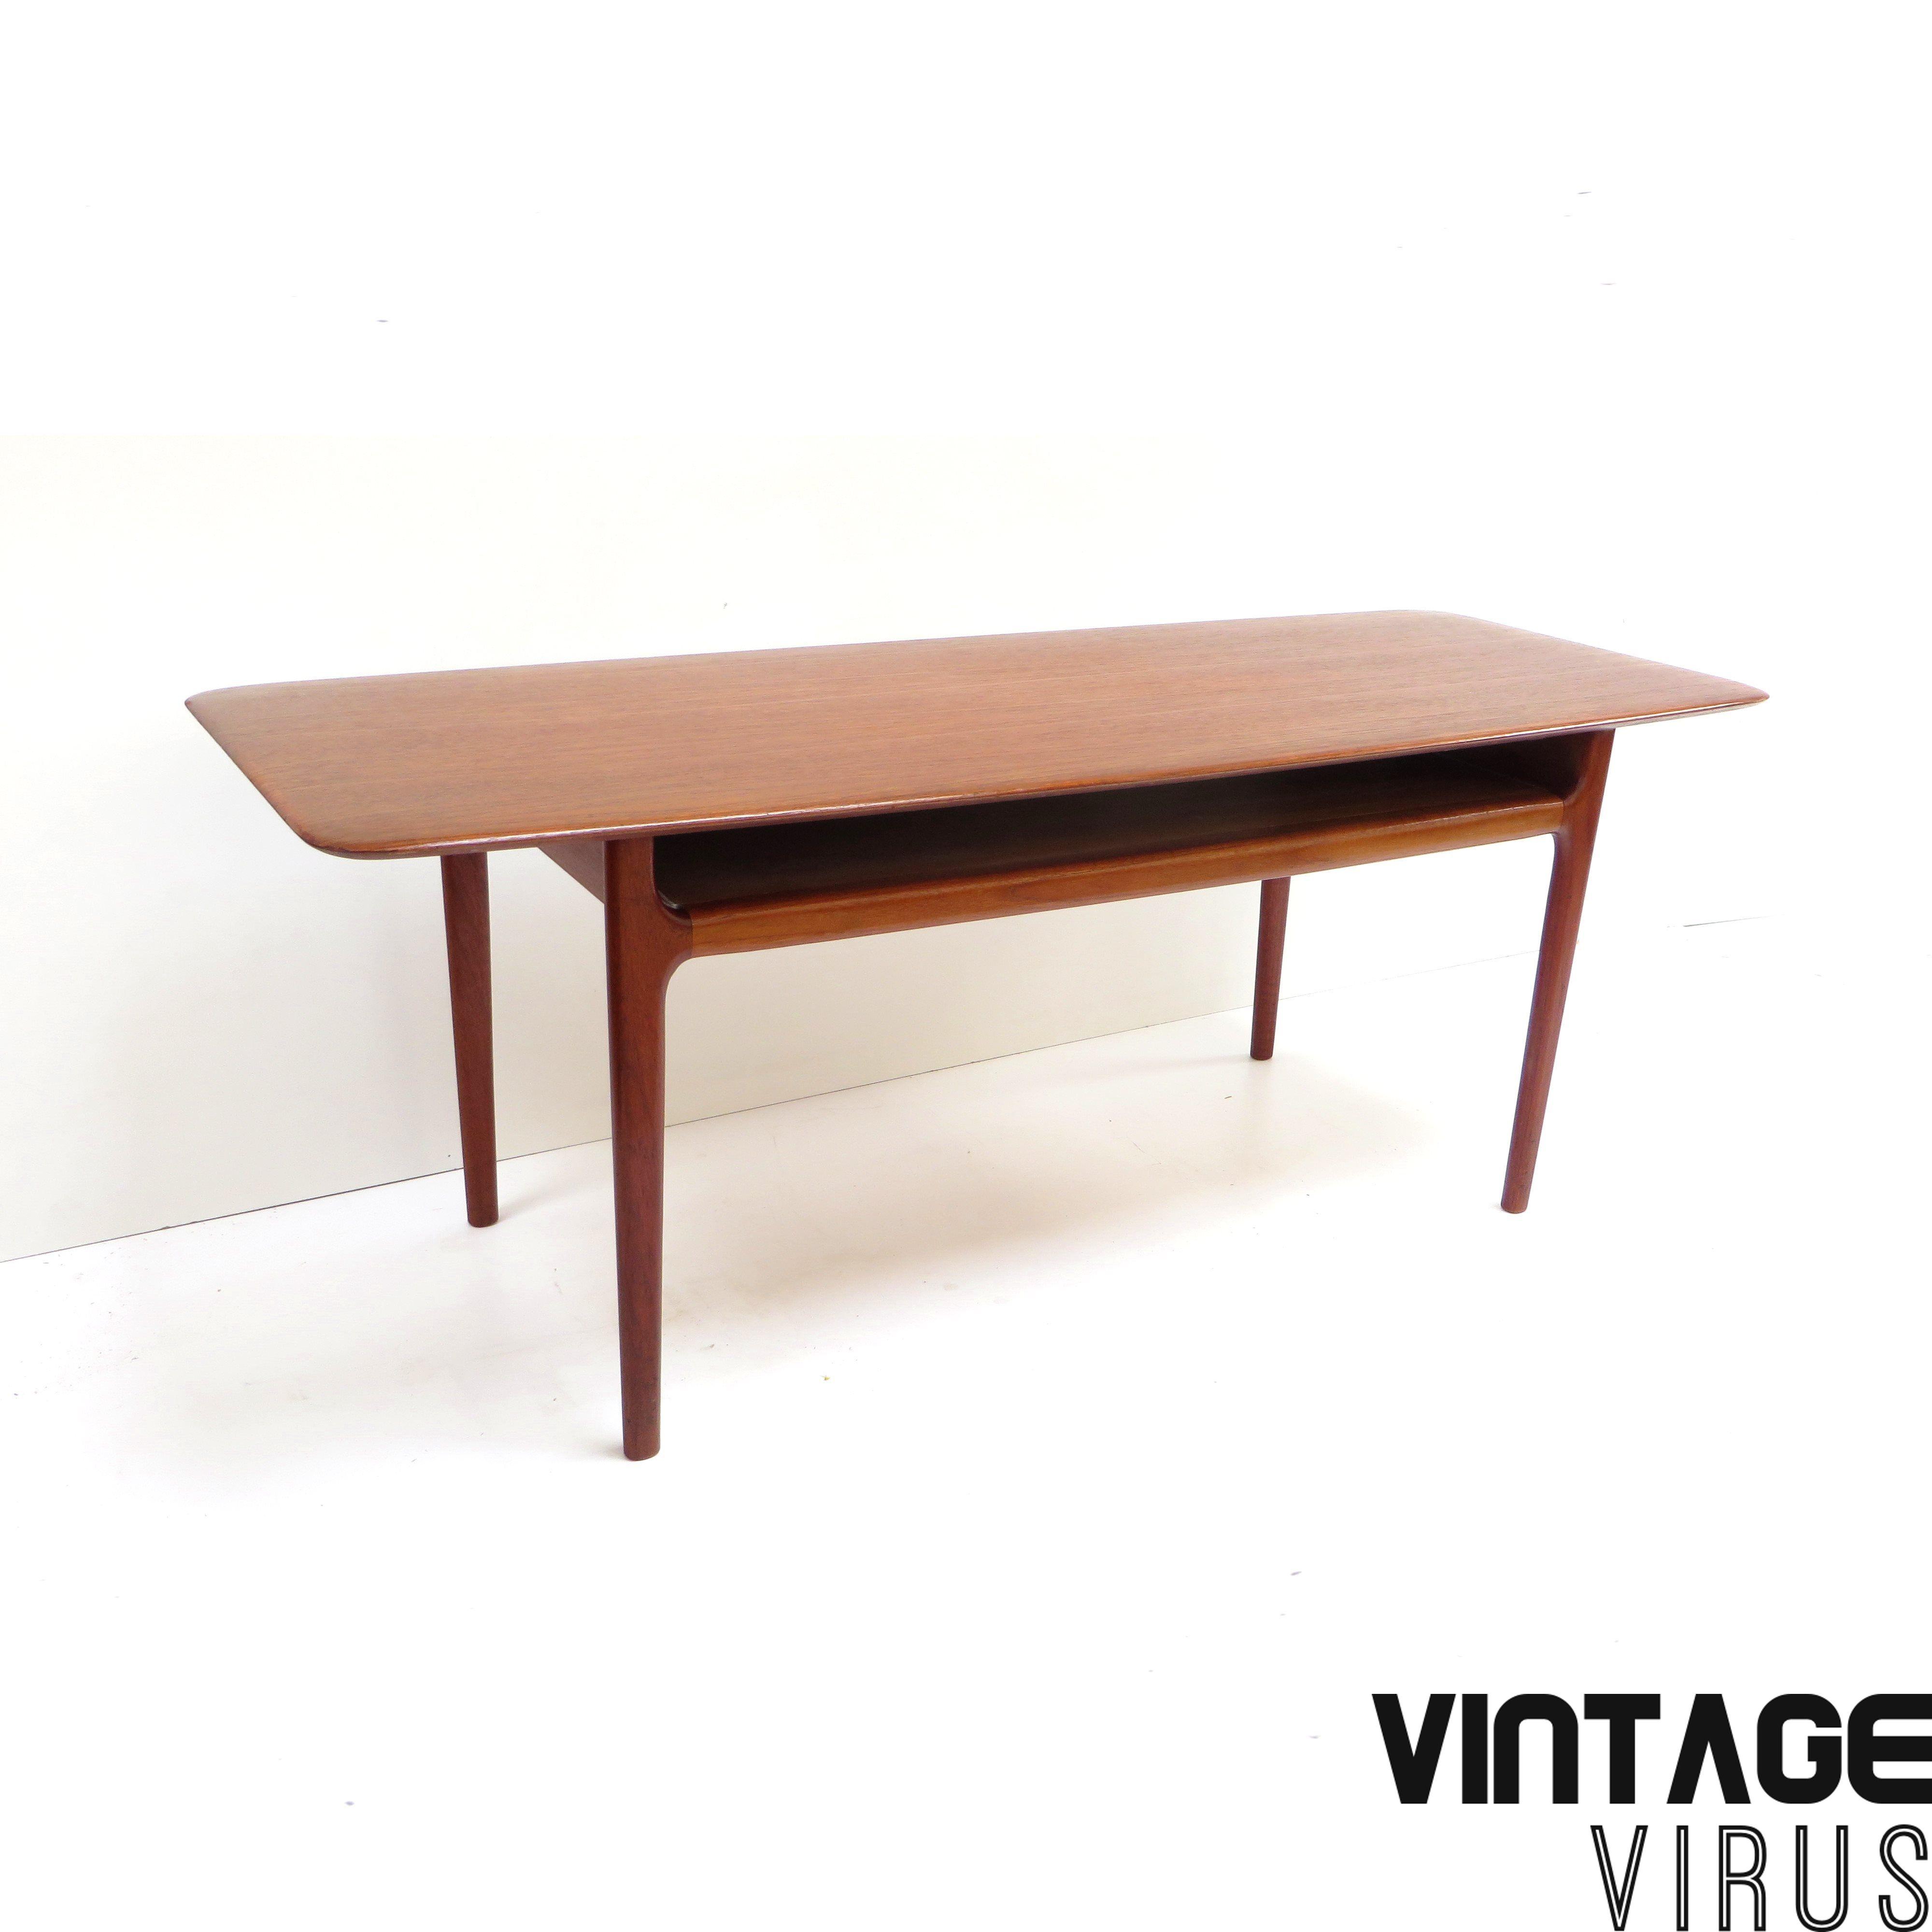 Salontafel Hoogte 50 Cm.Prachtige Deens Design Salontafel Door Niels Bach Met Organische